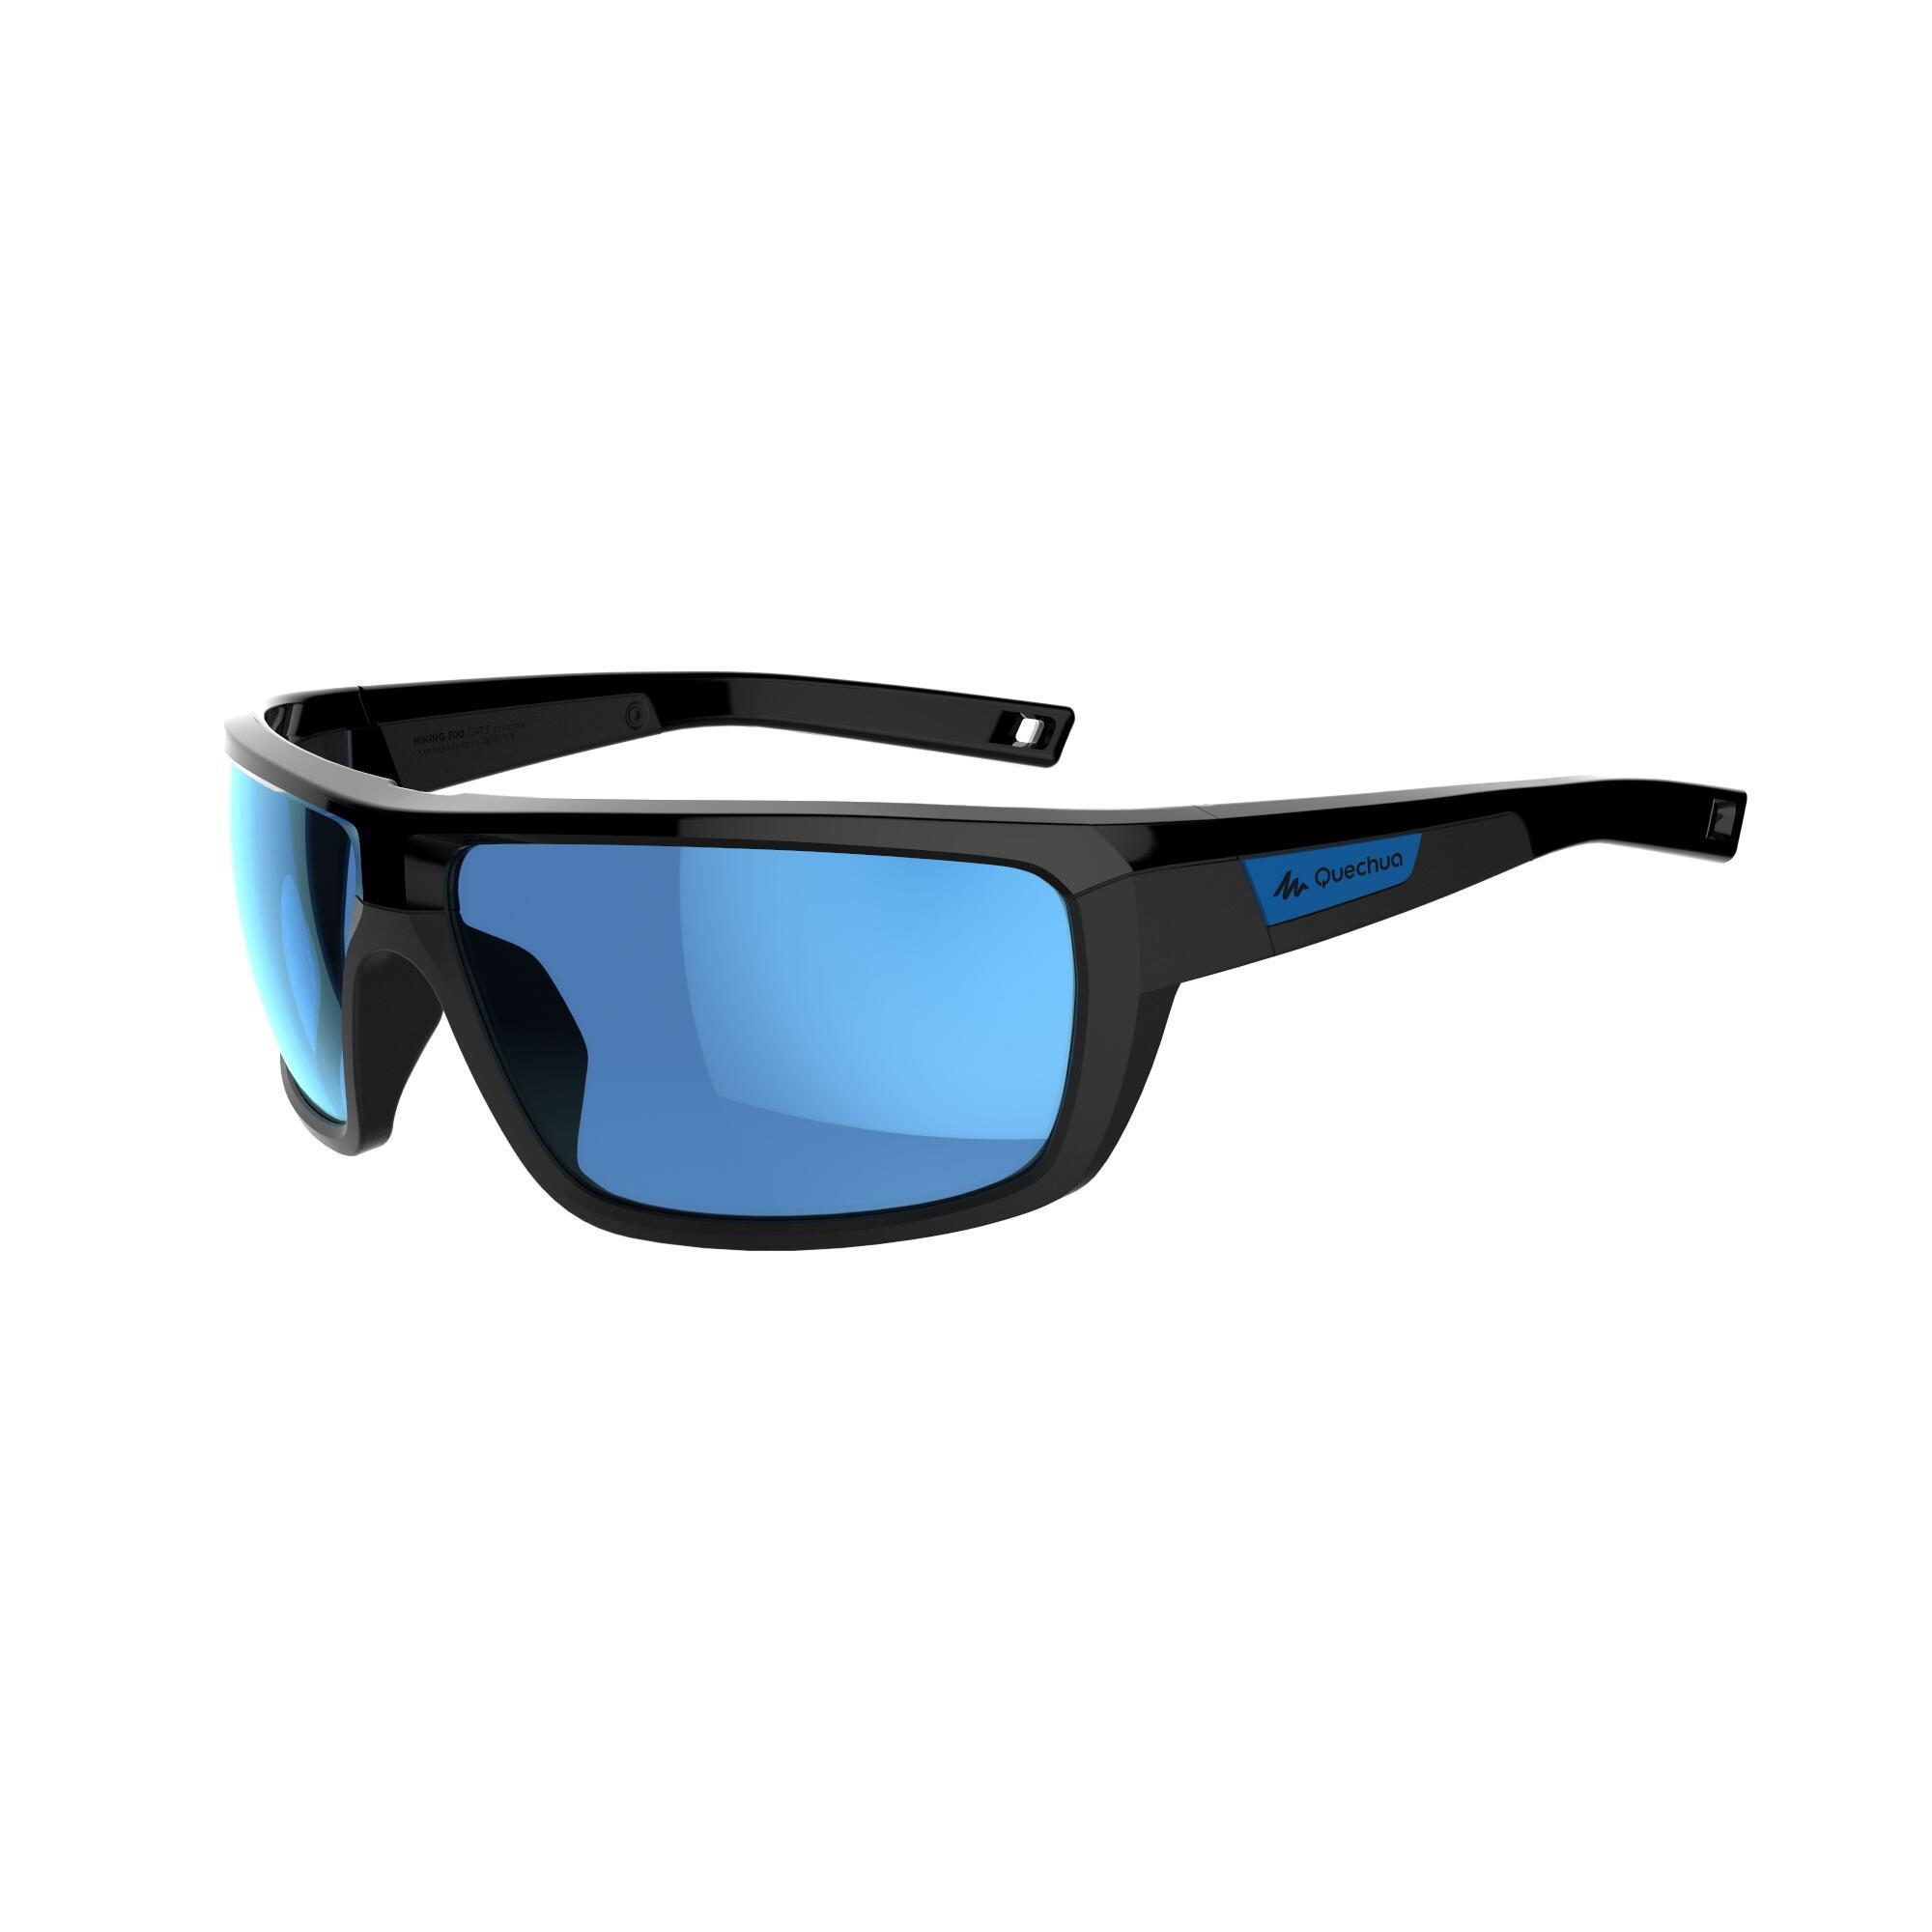 Lunettes de randonnée adulte RANDONNÉE 300 noires et bleues catégorie 3